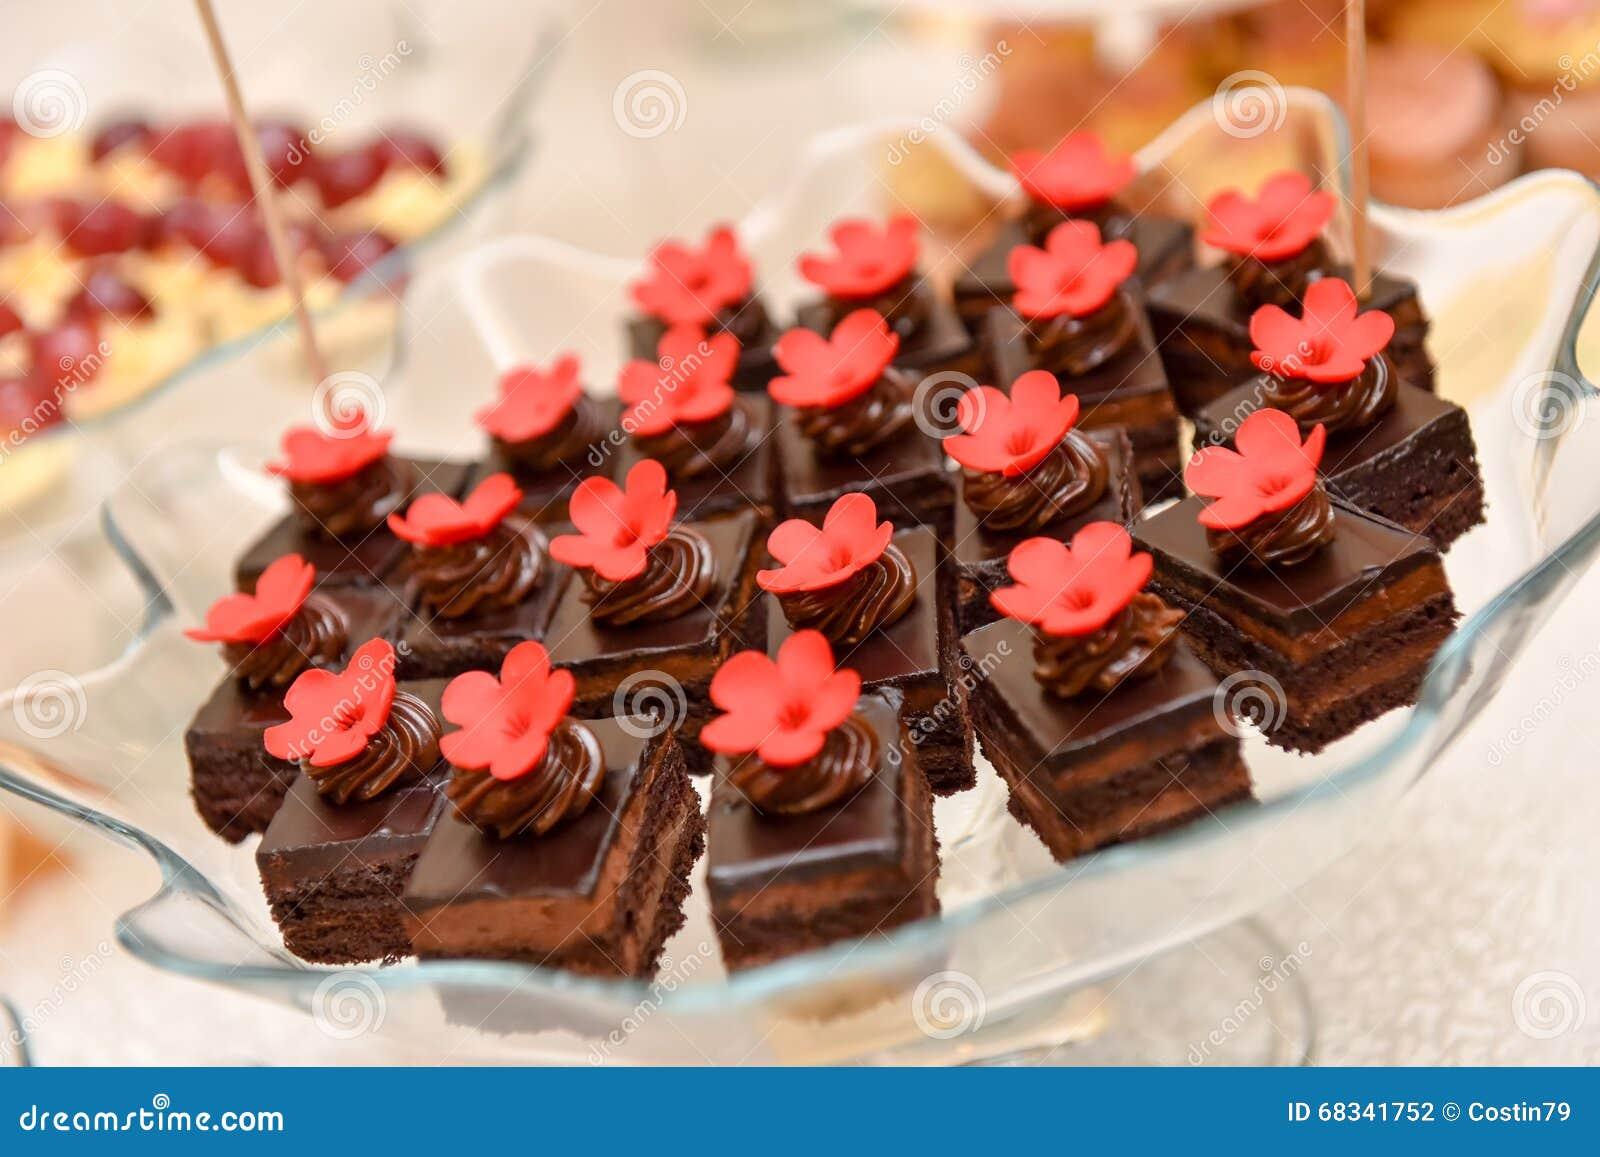 Gateaux De Chocolat Avec La Fleur Rouge Photo Stock Image Du